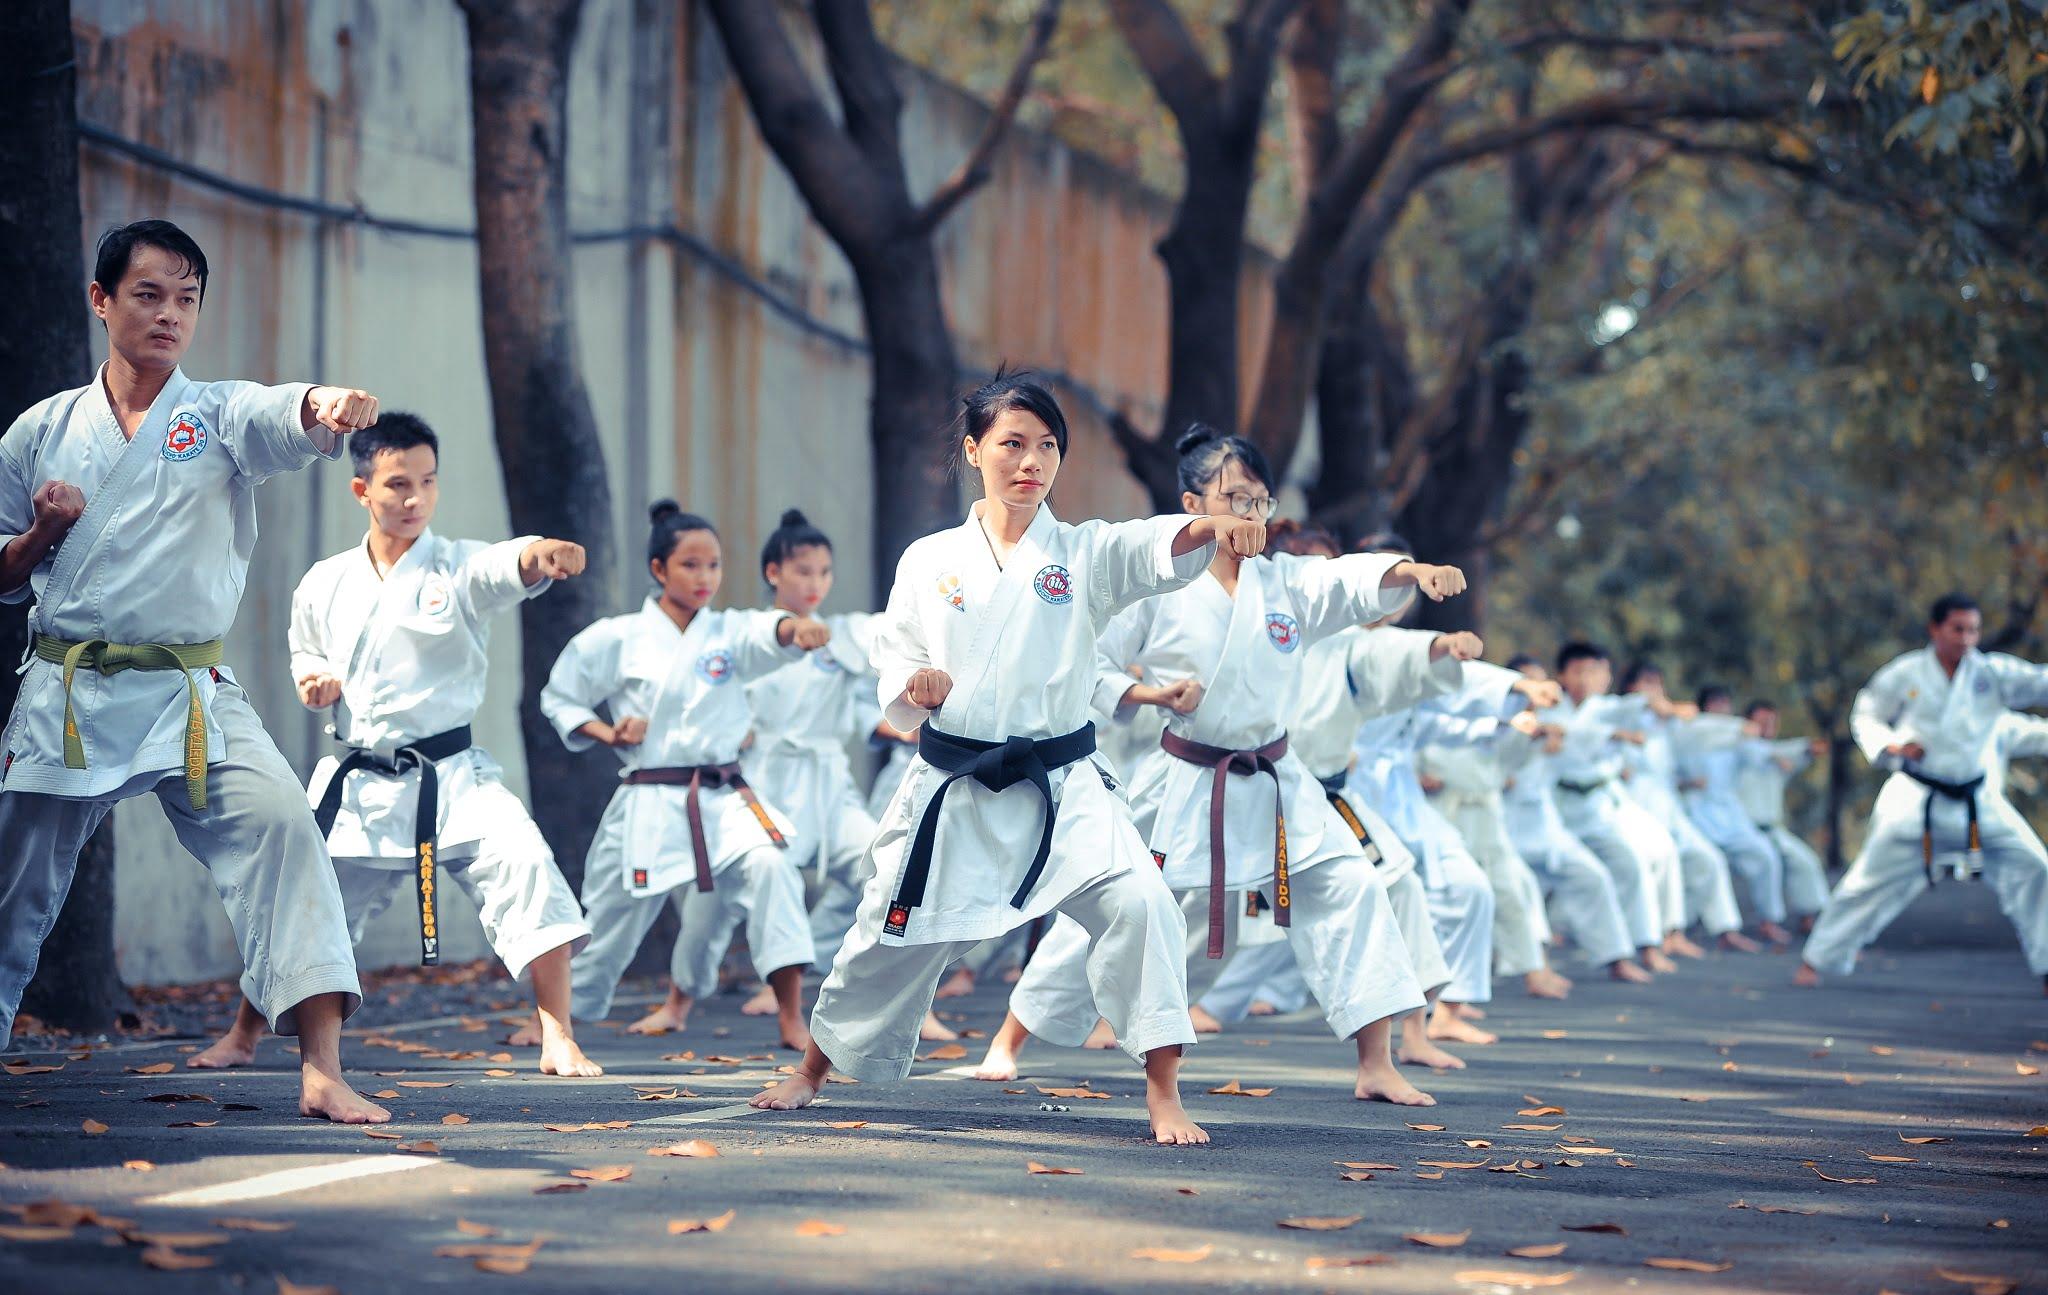 DSC 1077 - Chụp ảnh võ thuật ở KDL Thủy Châu